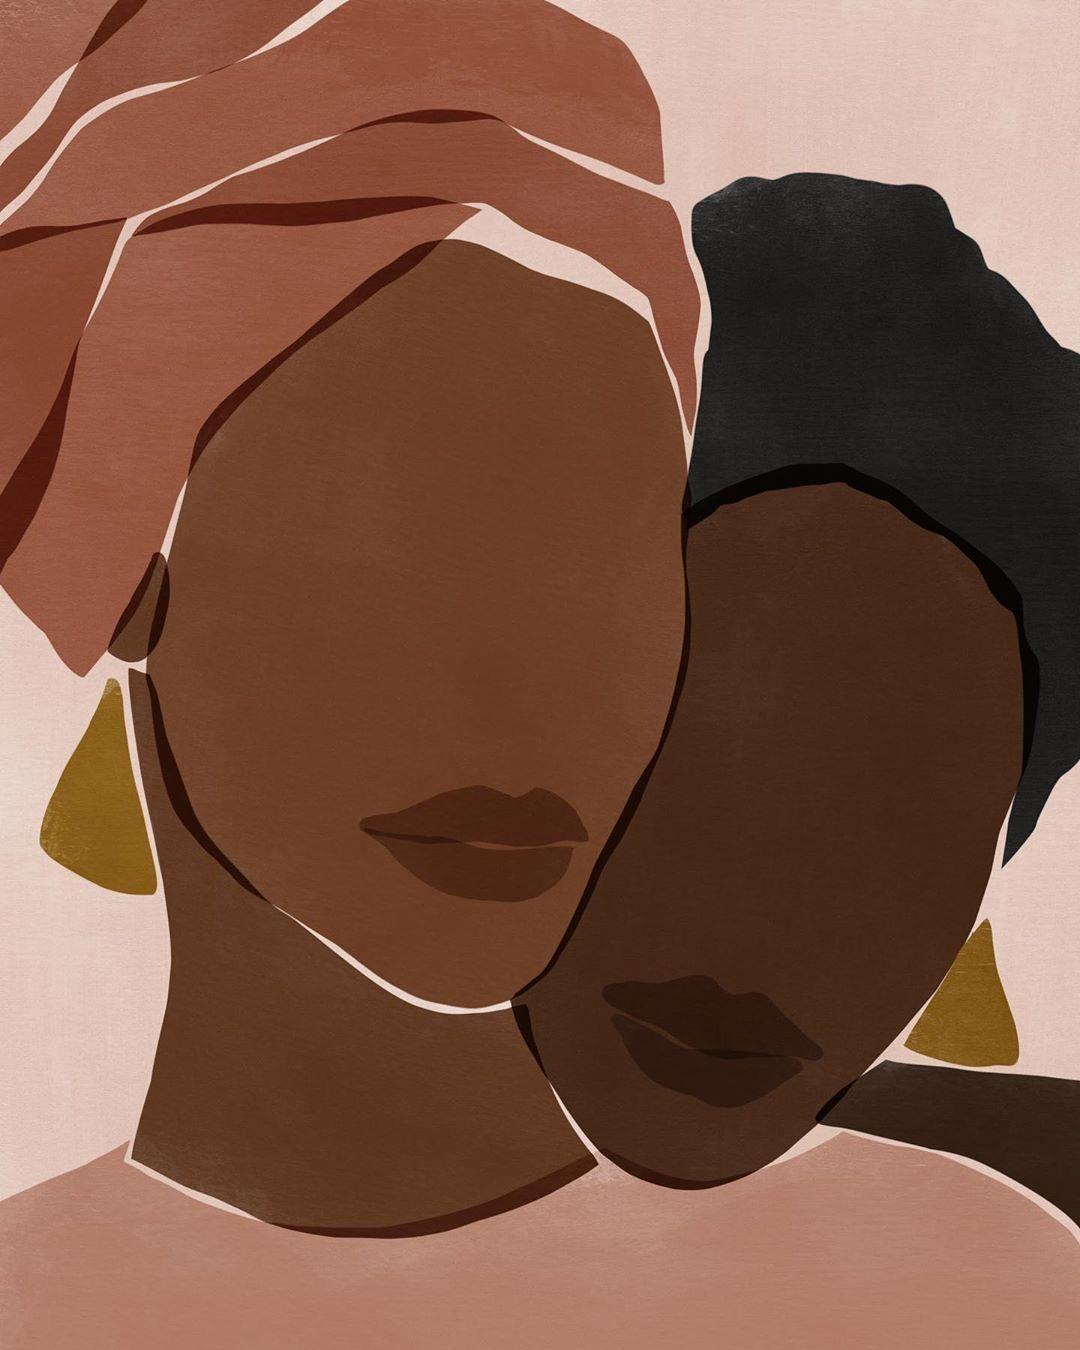 Illustration beauty